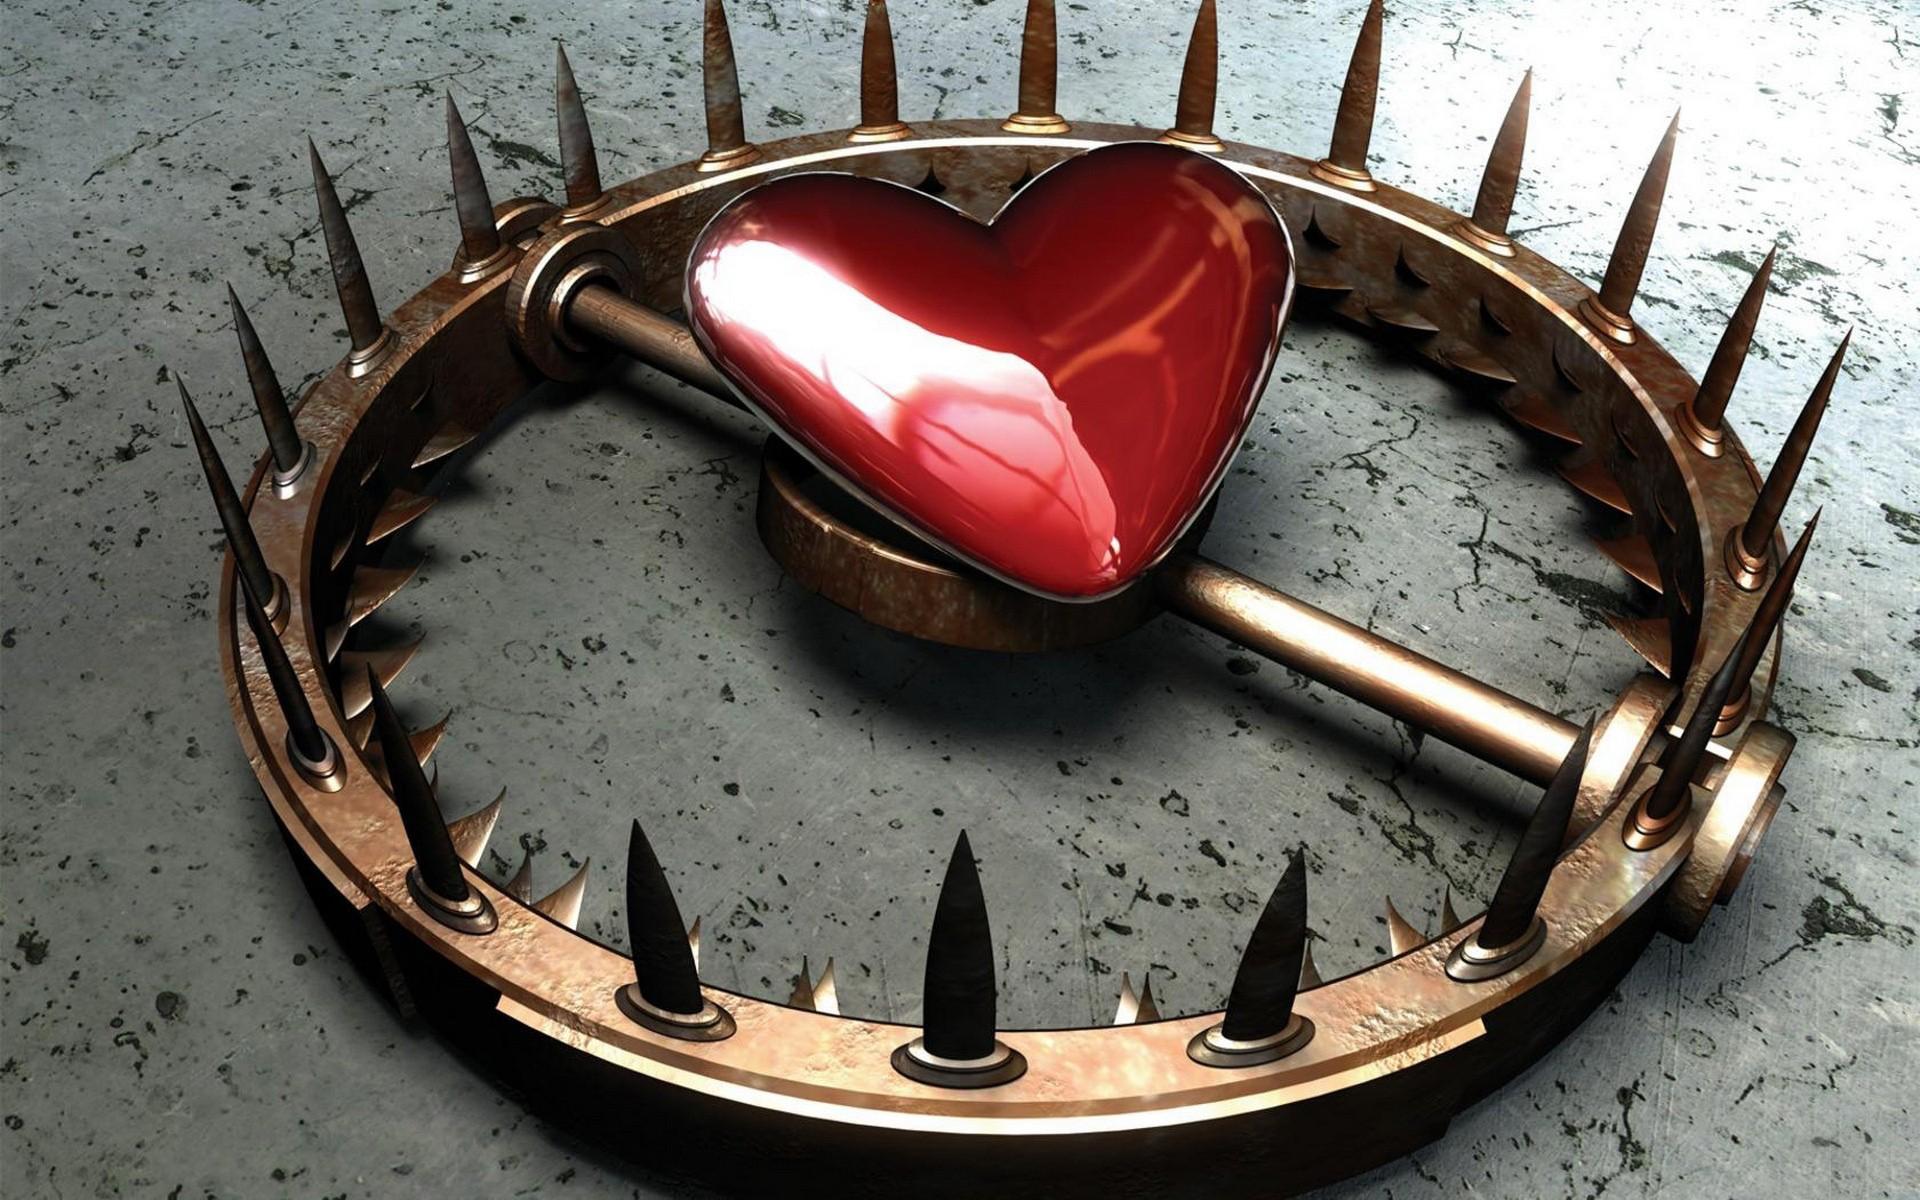 Trampa para el amor - 1920x1200